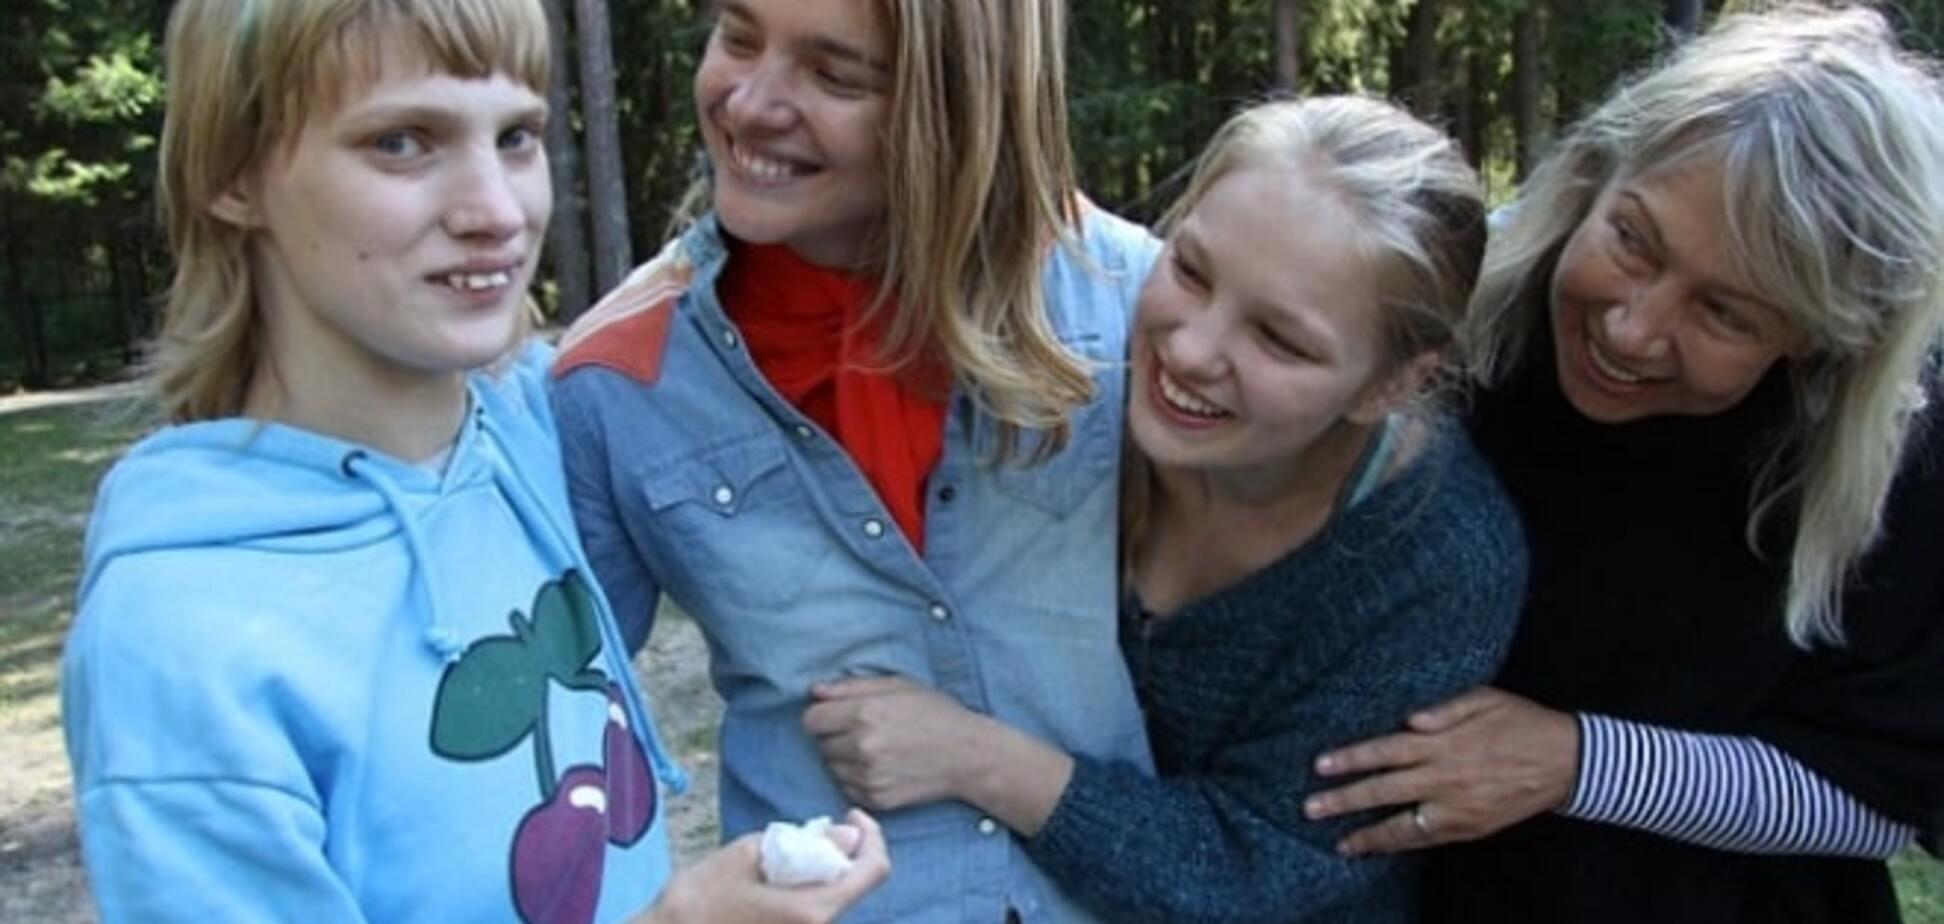 В России возбудили дело после оскорбления сестры модели Водяновой